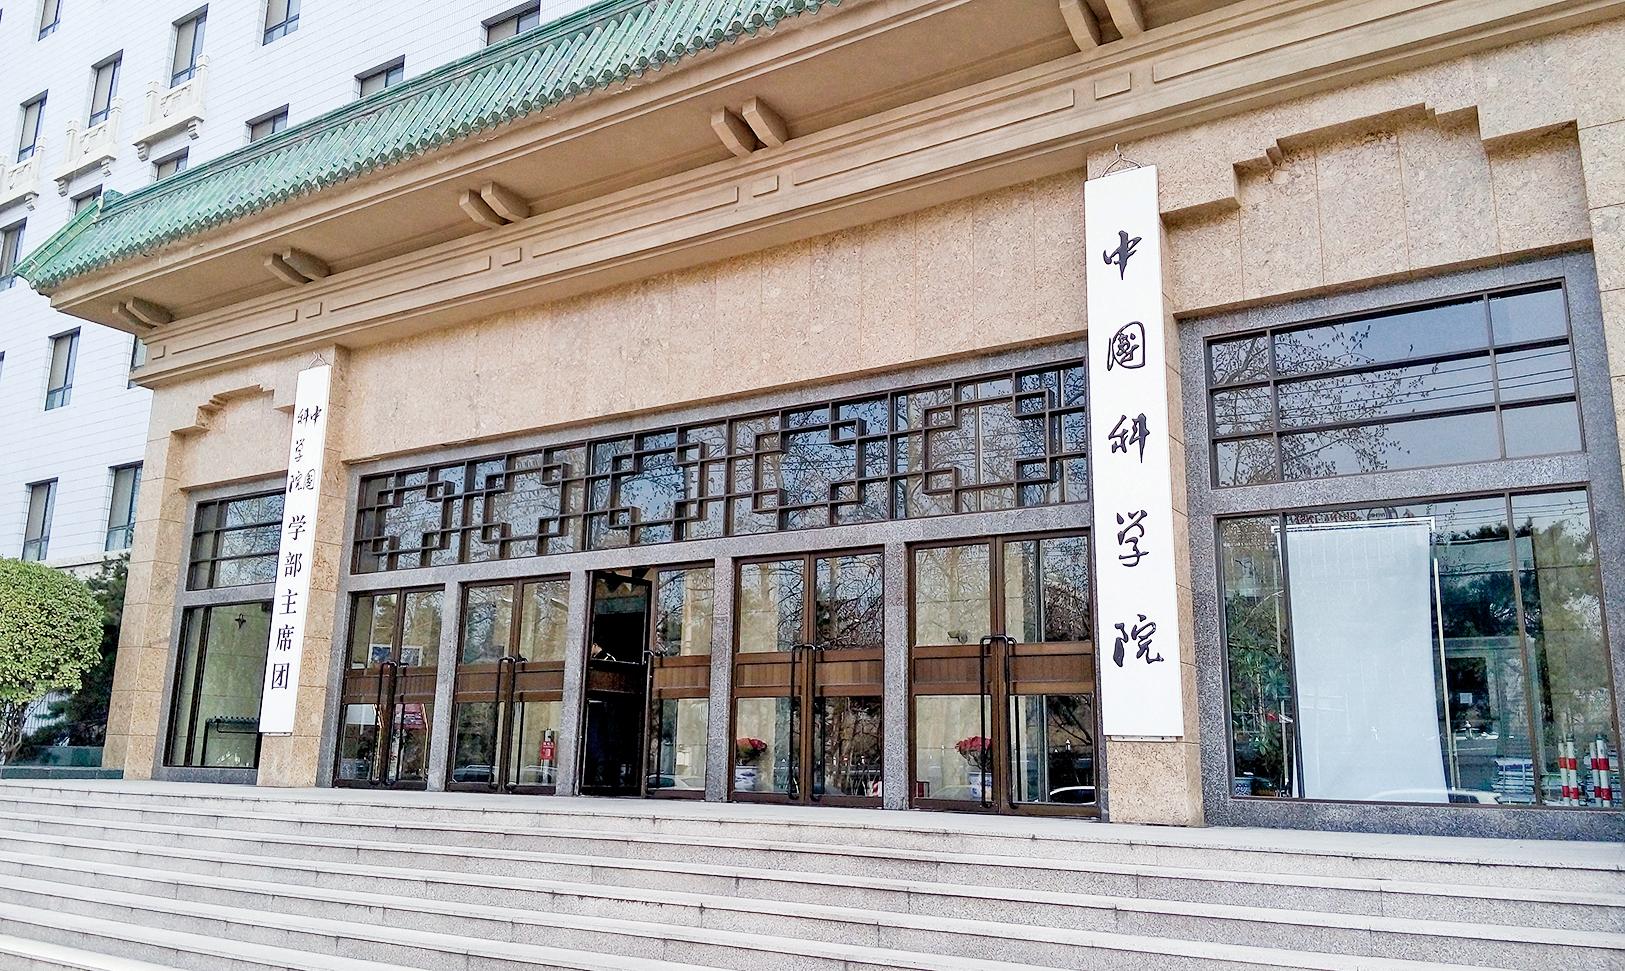 中國科學院院長白春禮稱,將把美國制裁的「卡脖子」清單變成科研任務清單,言論引發網民嘲諷。(大紀元資料室)